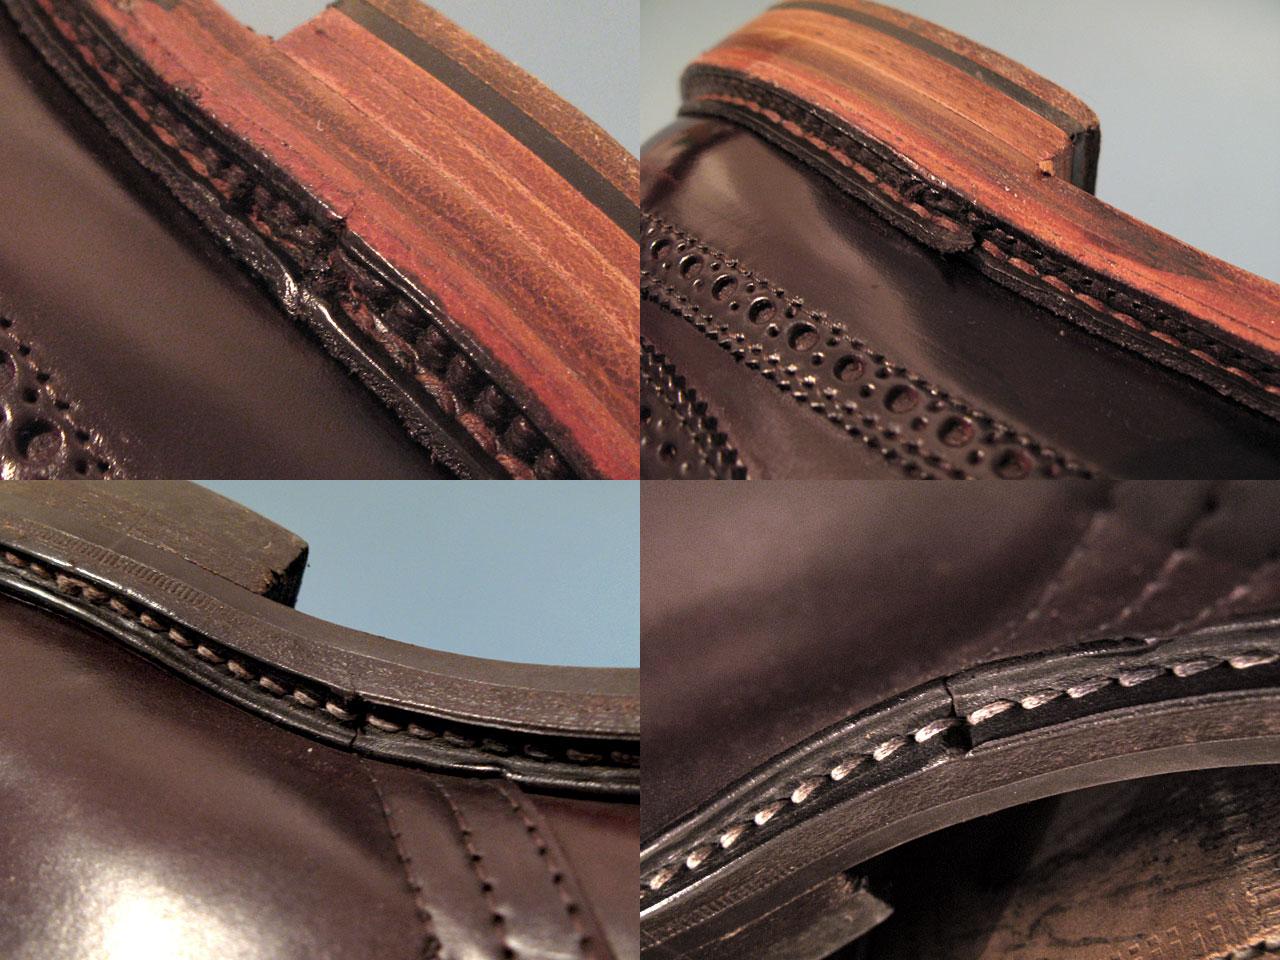 Сравнительное качество рантов обуви Alden и Tricker's